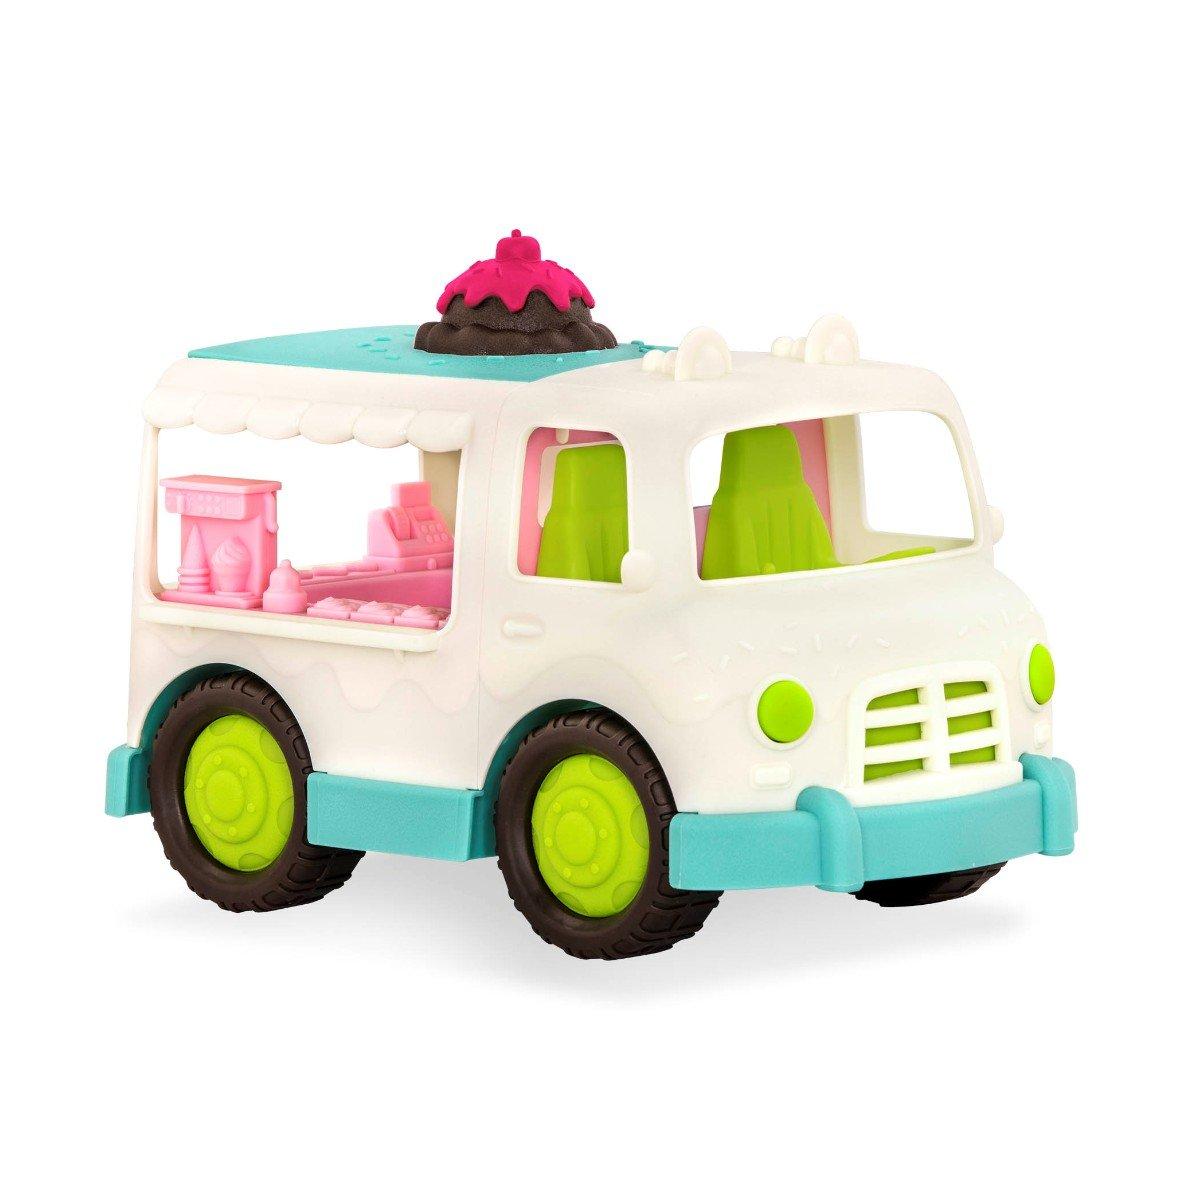 Wonder Wheels - Icecream truck (1022)